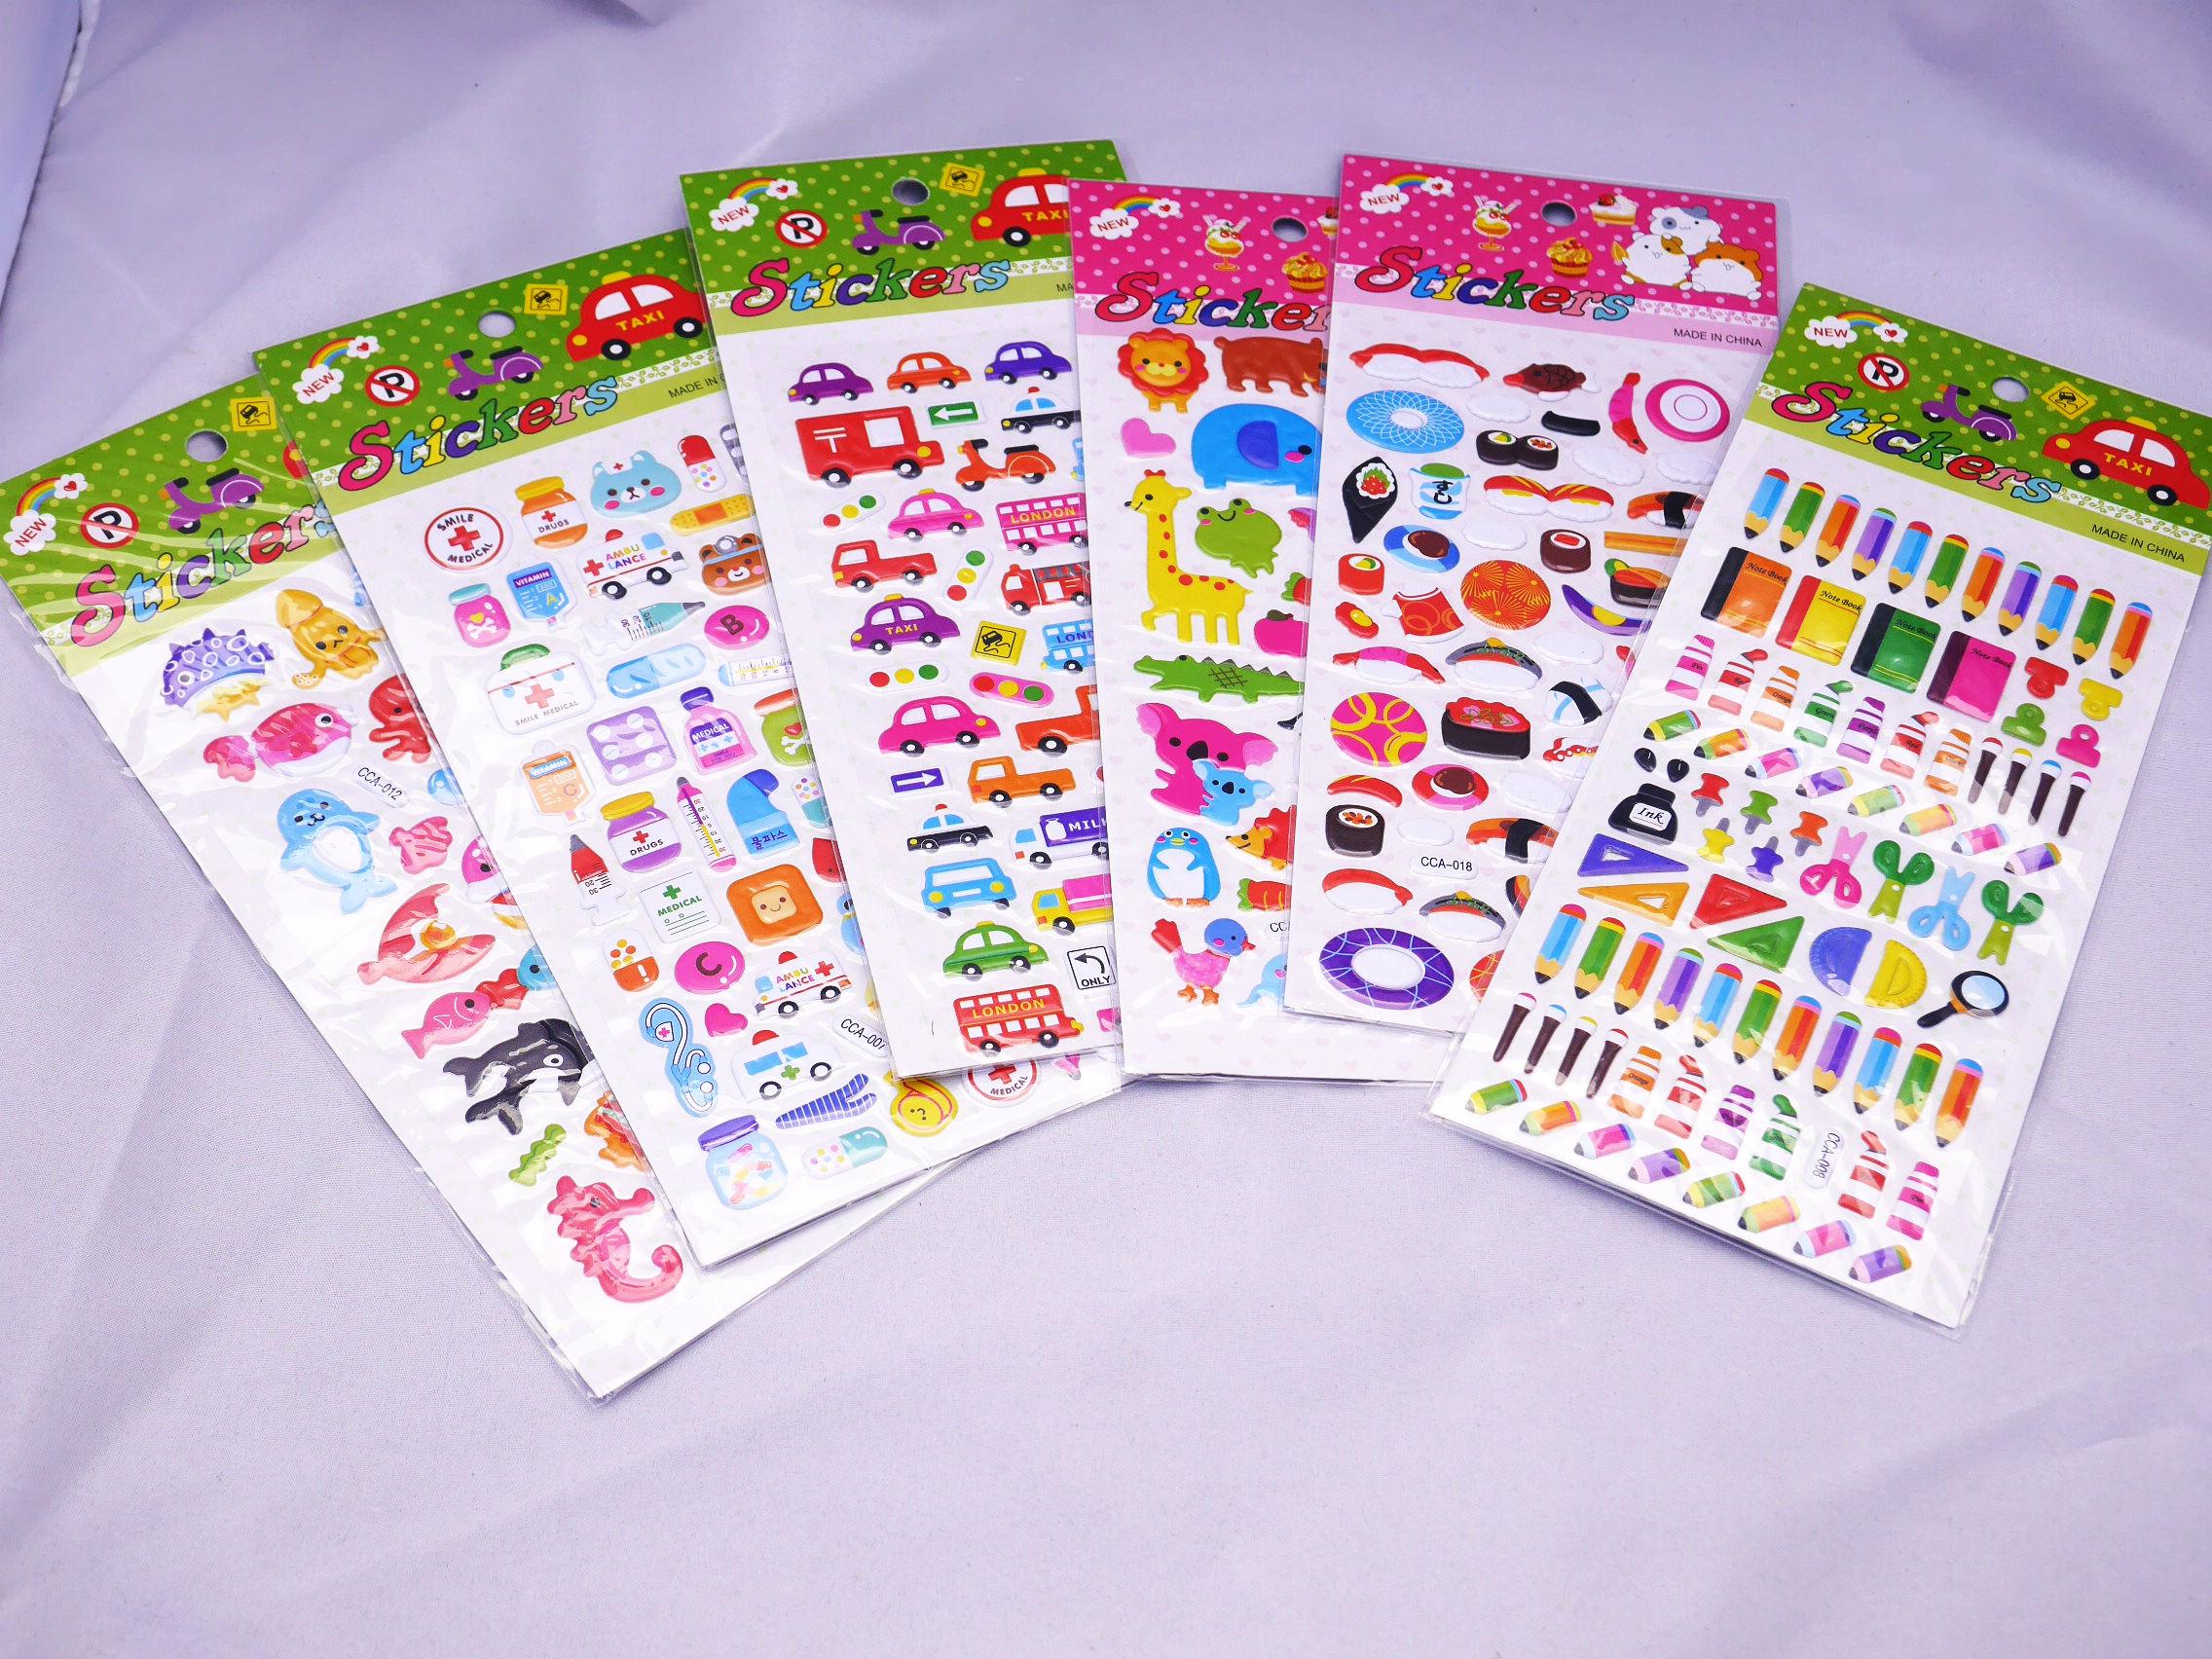 メモ帳やカレンダーに目印として貼ったり鞄や筆箱に貼って可愛くデコレーションも出来ちゃう